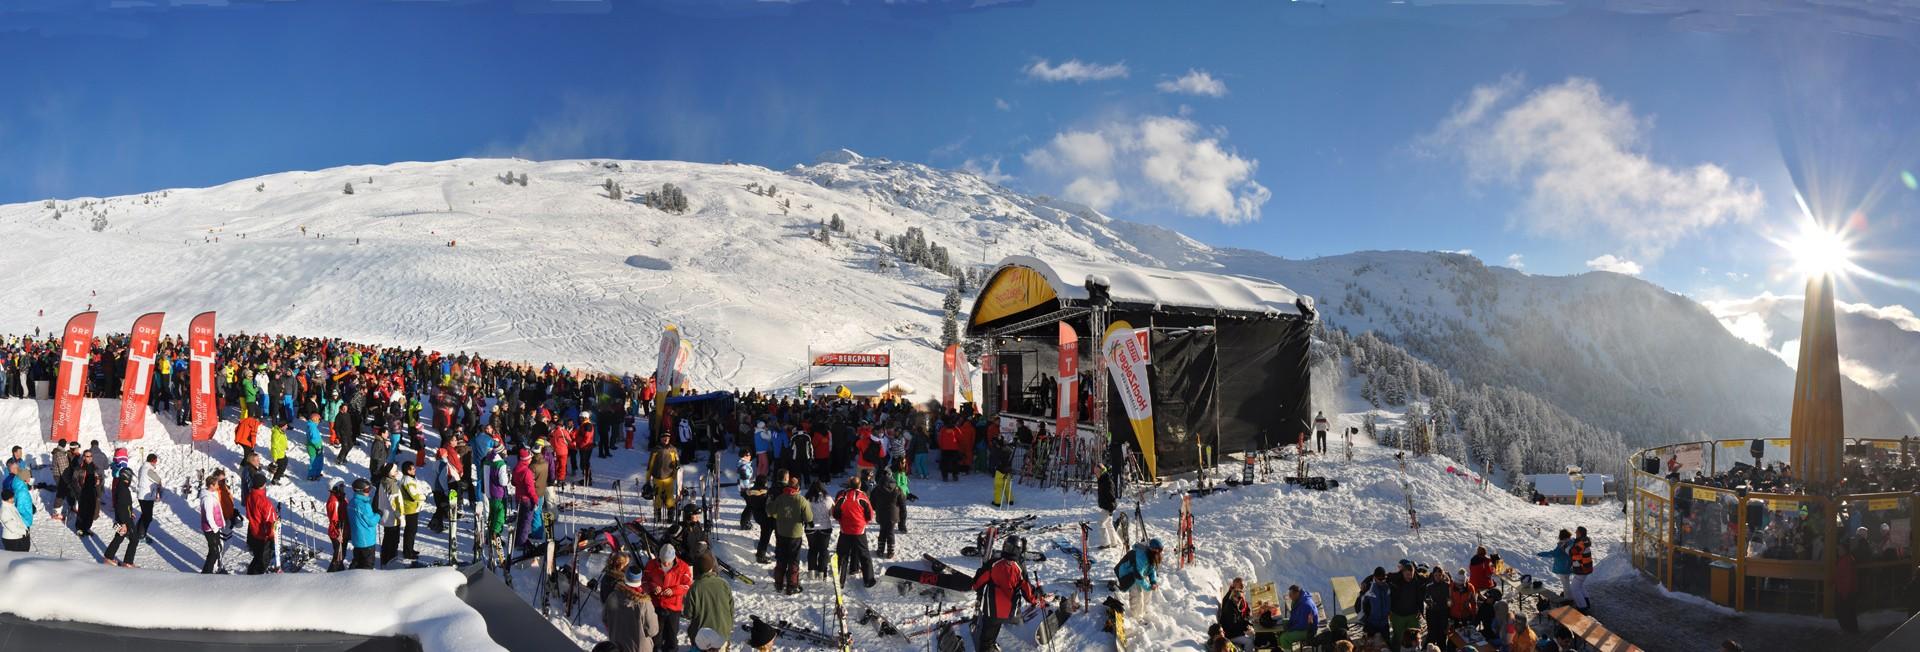 Pitztaler Skiopening an der Mittelstation Hochzeiger